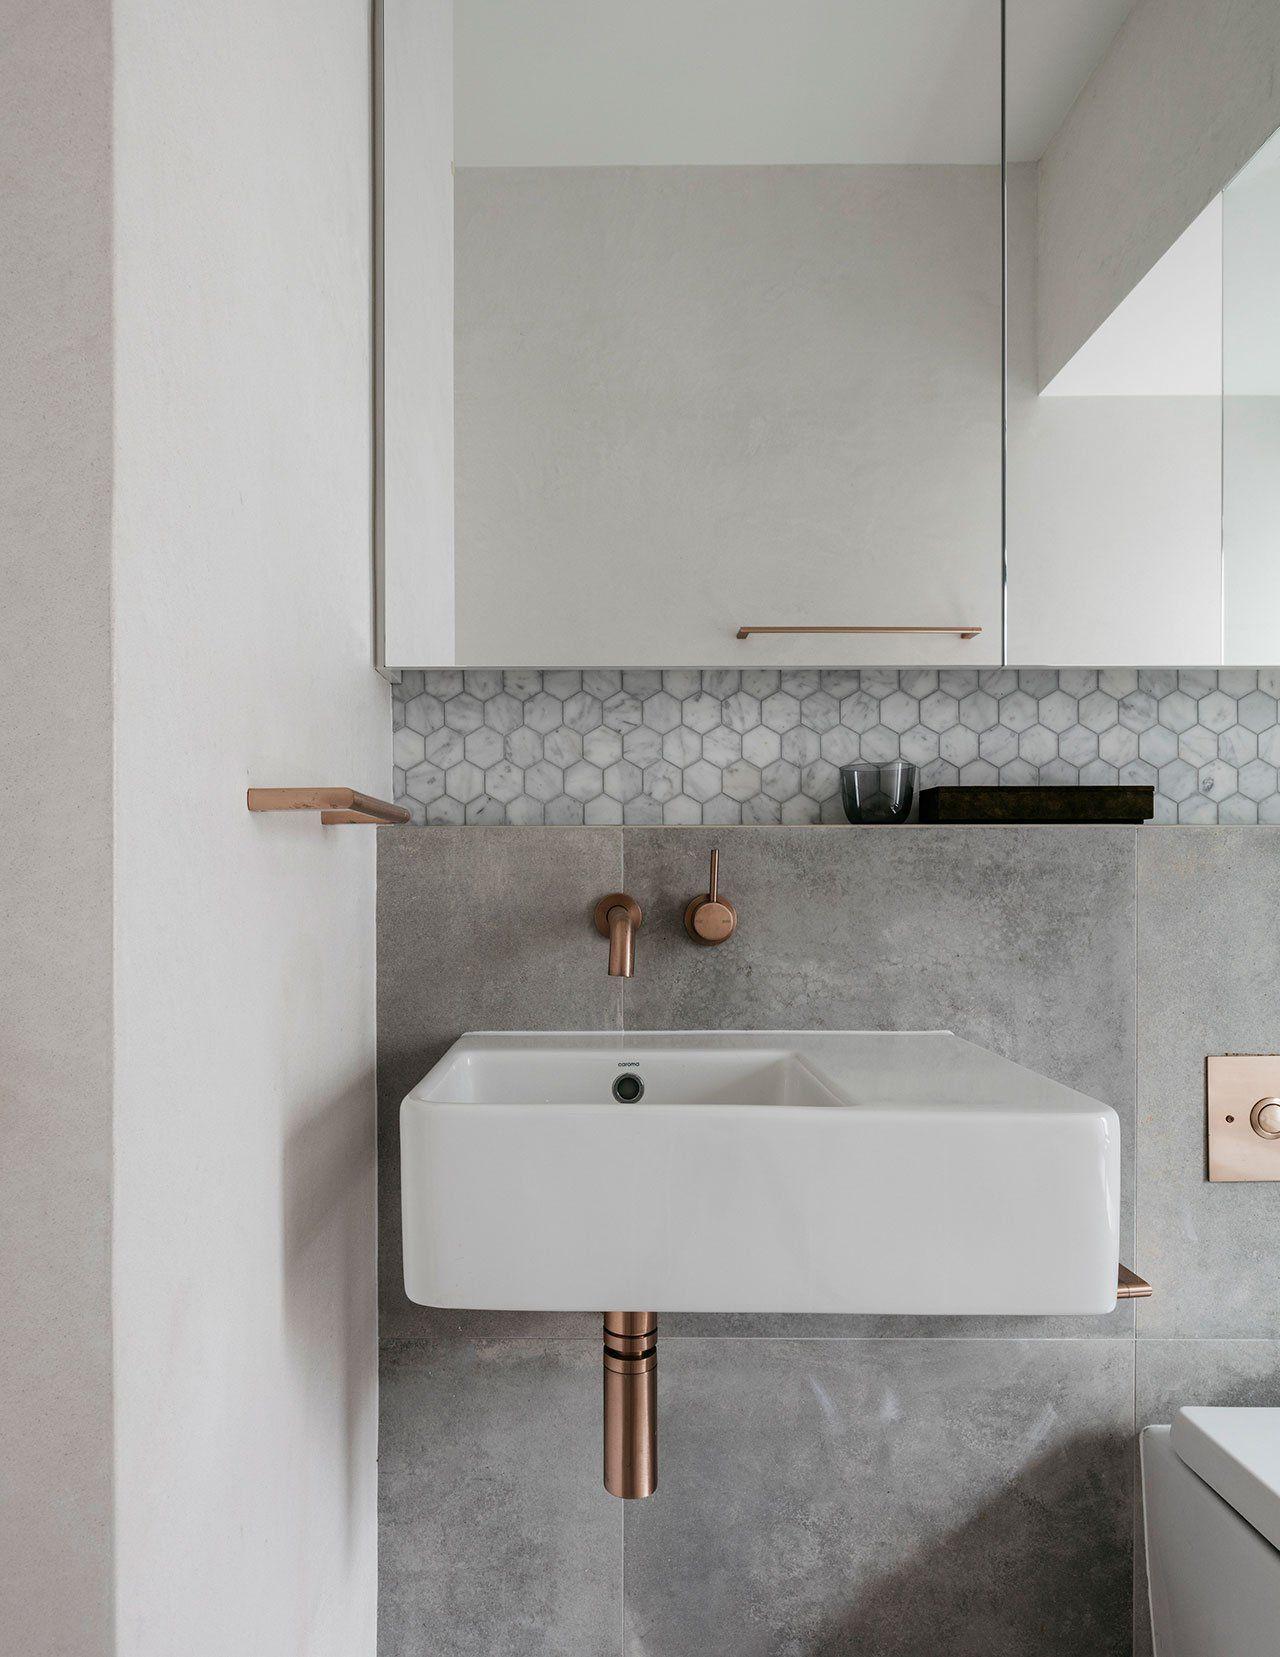 Deze mooie kleine badkamer is ontworpen met oog voor detail ...